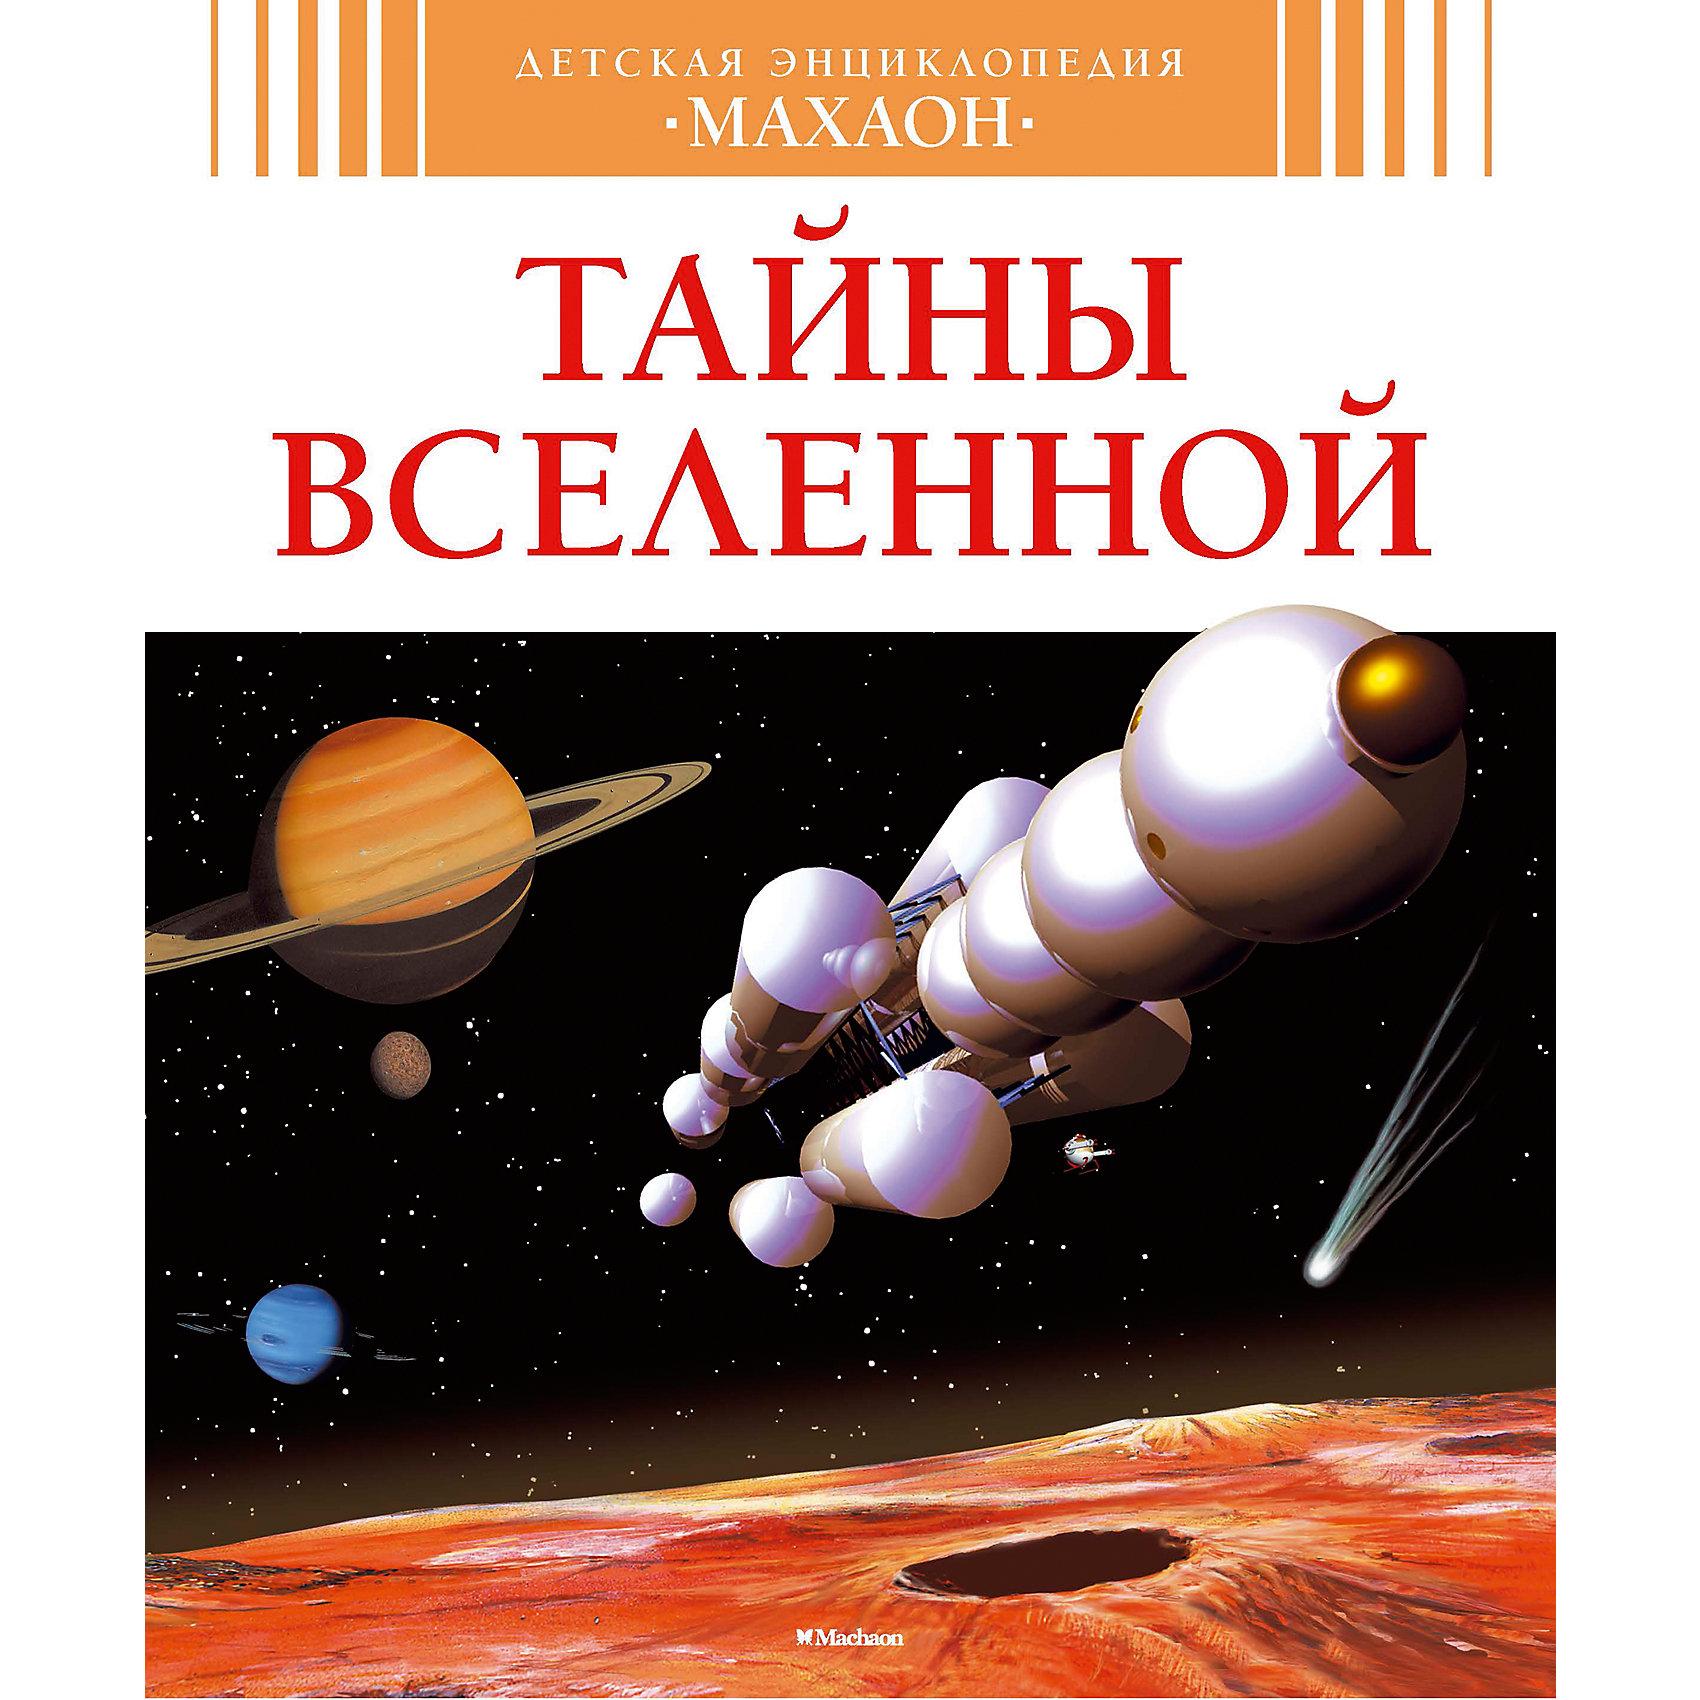 Детская энциклопедия Тайны ВселеннойДетские энциклопедии<br>Есть ли жизнь на Марсе?<br>Как рождаются и умирают звезды?<br>Зачем строить обсерваторию на Луне?<br>Опасен ли выход в открытый космос?<br>Кто придумал телескоп?<br>Что видят на Земле спутники-шпионы?<br>Когда космический зонд долетит до Плутона?<br>Сколько весит МКС?<br>Чем закончилась лунная гонка?<br>Можно ли найти воду в космосе?<br>Как измерить расстояние до далекой галактики?<br>Где искать черные дыры?<br><br>Ответы на эти и многие другие вопросы юные читатели найдут в этой увлекательной, прекрасно иллюстрированной энциклопедии, в которой рассказывается о загадках звезд, планет, галактик и об освоении космического пространства человеком.<br>Страниц: 128<br>Формат: 202х243<br>Переплет: Переплет<br><br>Ширина мм: 260<br>Глубина мм: 215<br>Высота мм: 13<br>Вес г: 443<br>Возраст от месяцев: 84<br>Возраст до месяцев: 168<br>Пол: Унисекс<br>Возраст: Детский<br>SKU: 2411750